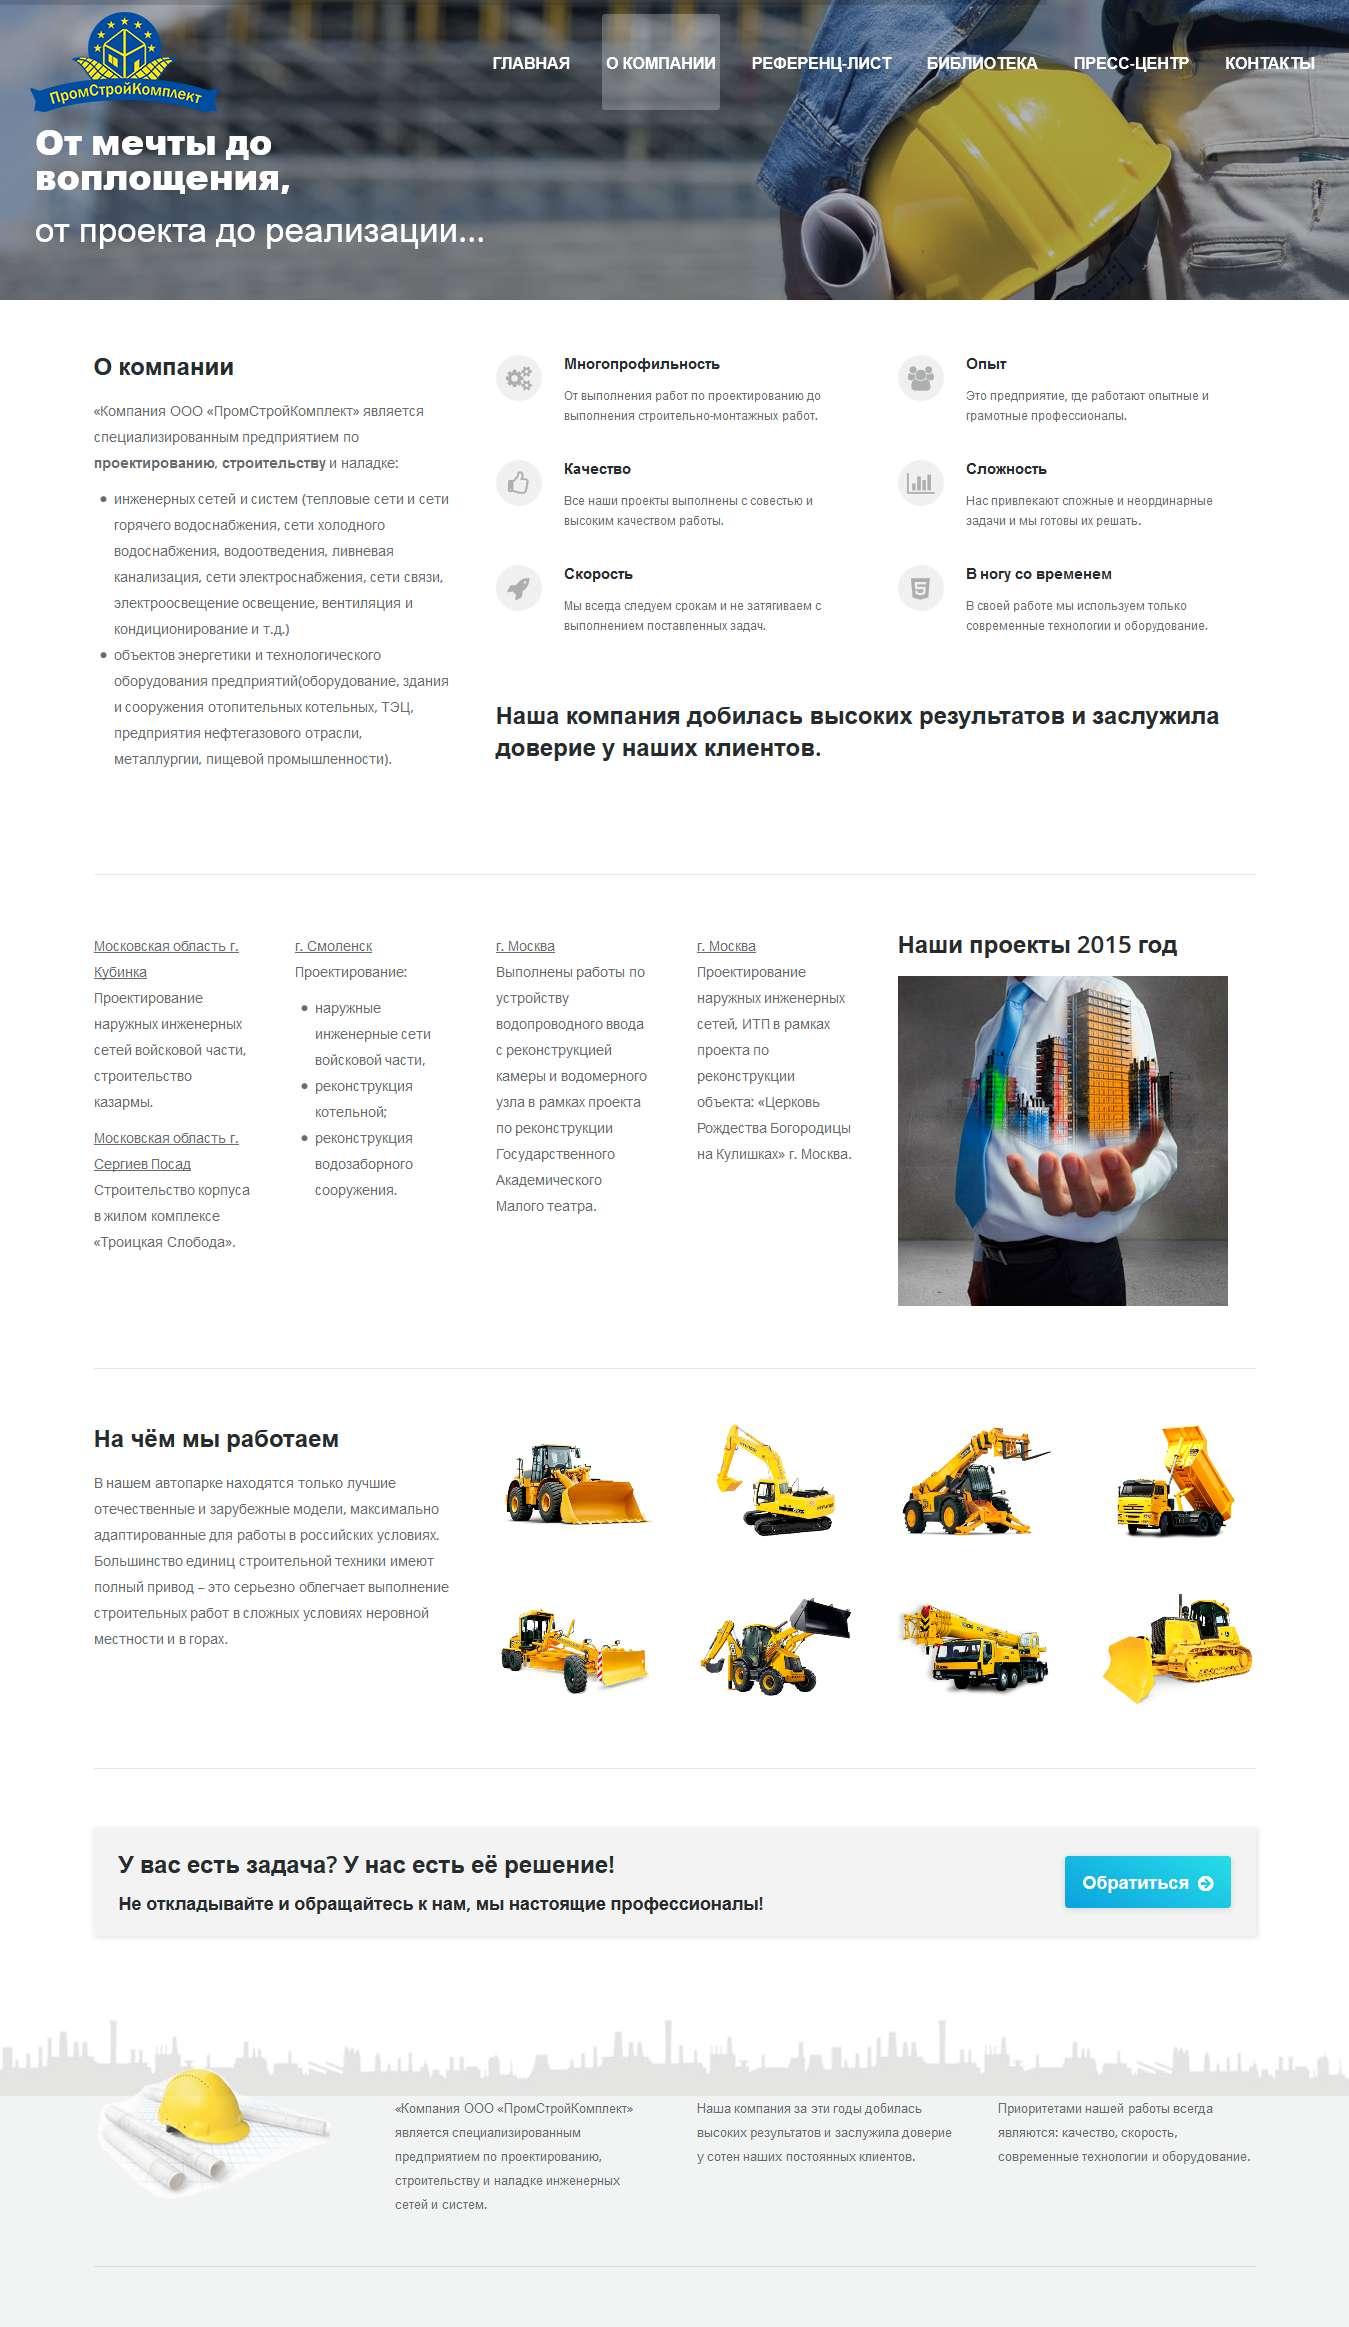 Пример сайта визитки - строительство и проектирование - о компании